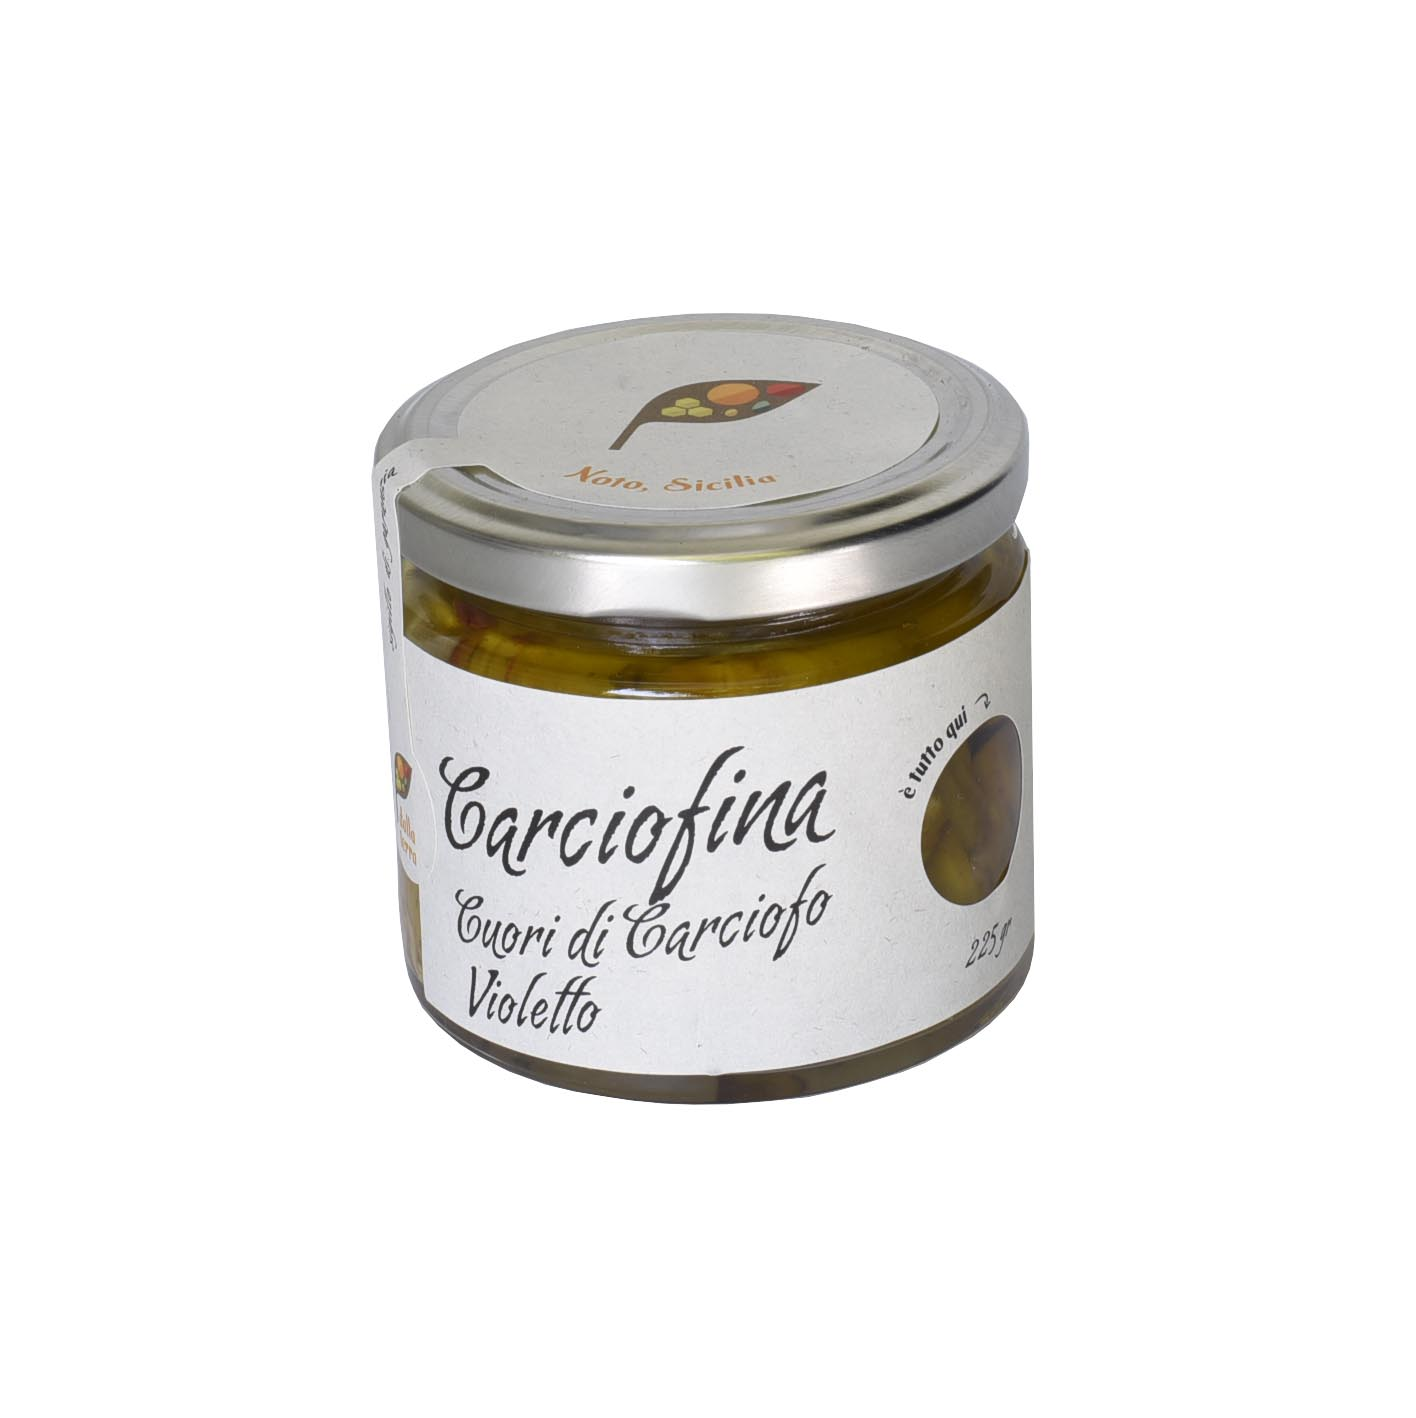 Carciofina – cuore di carciofi violetto 225 gr